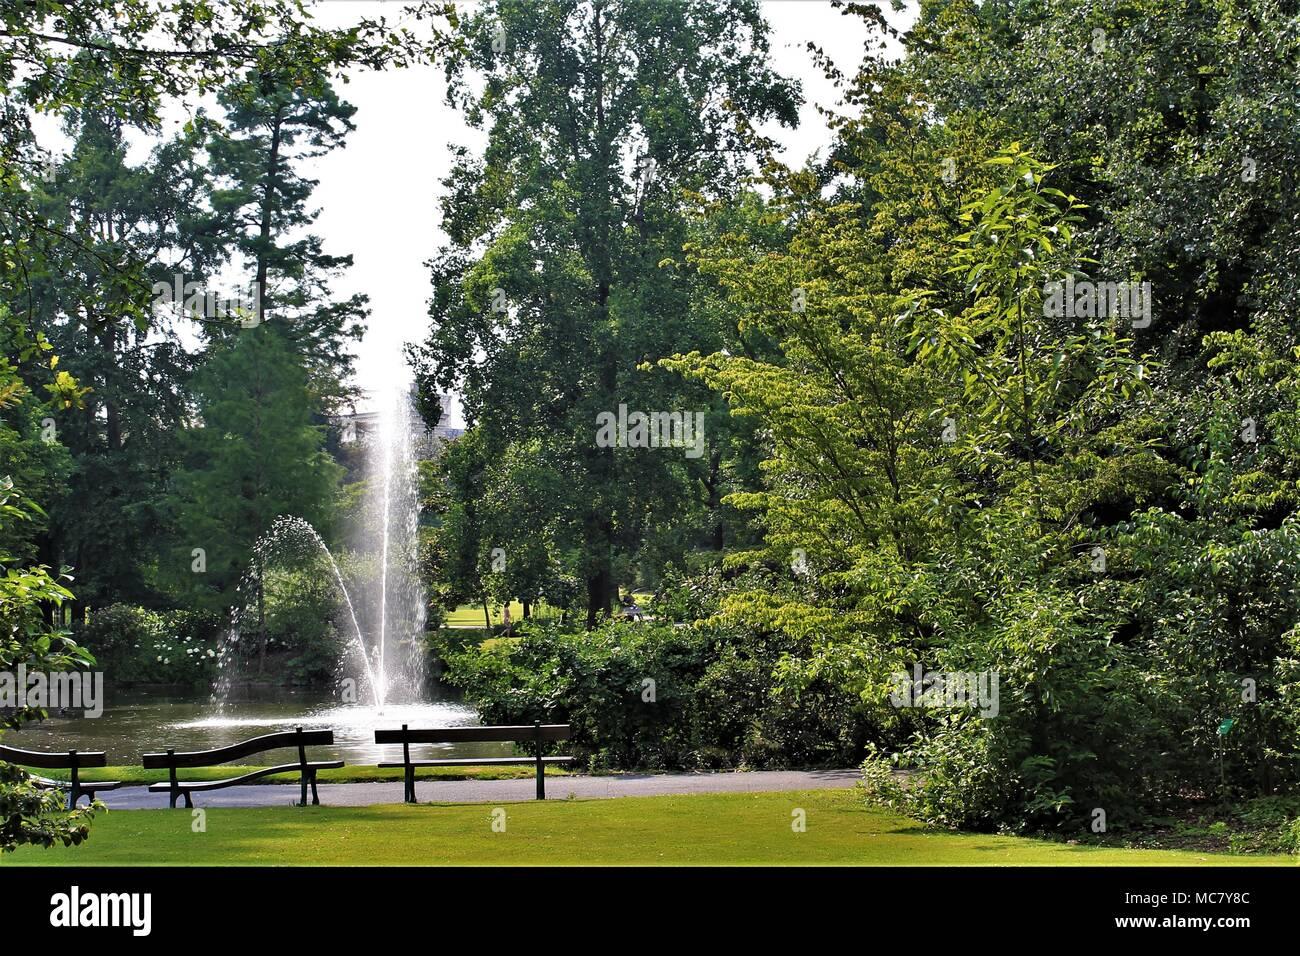 Jardin des Plantes (Botanical garden) of Nantes, Loire Atlantique, Pays de la Loire region, France Stock Photo